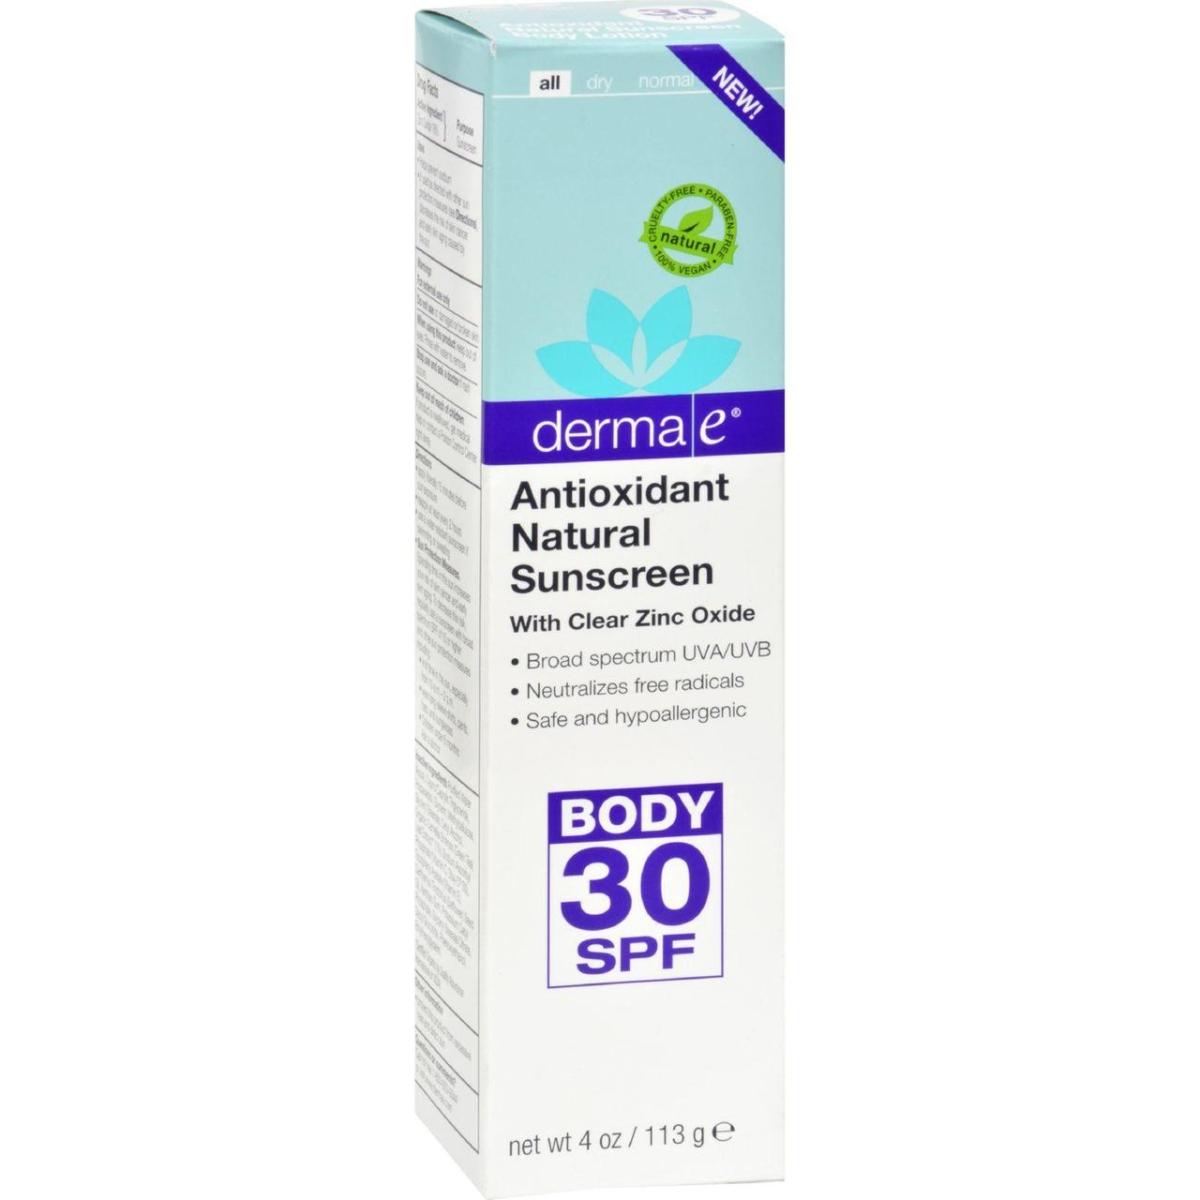 Derma E HG1513621 4 oz Body Antioxidant Sunscreen